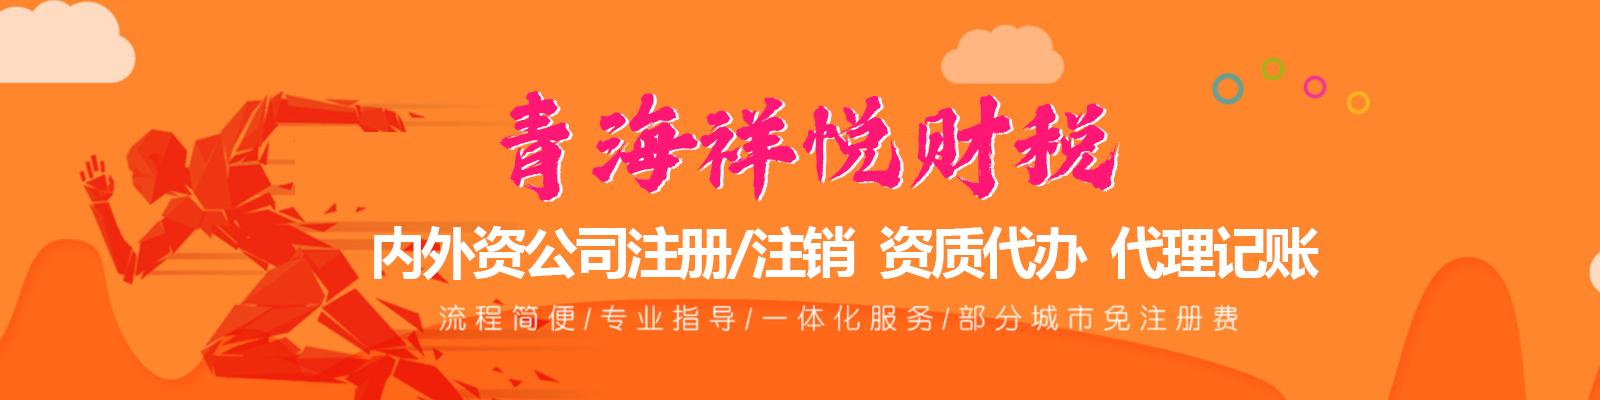 青海祥悦财税咨询有限公司